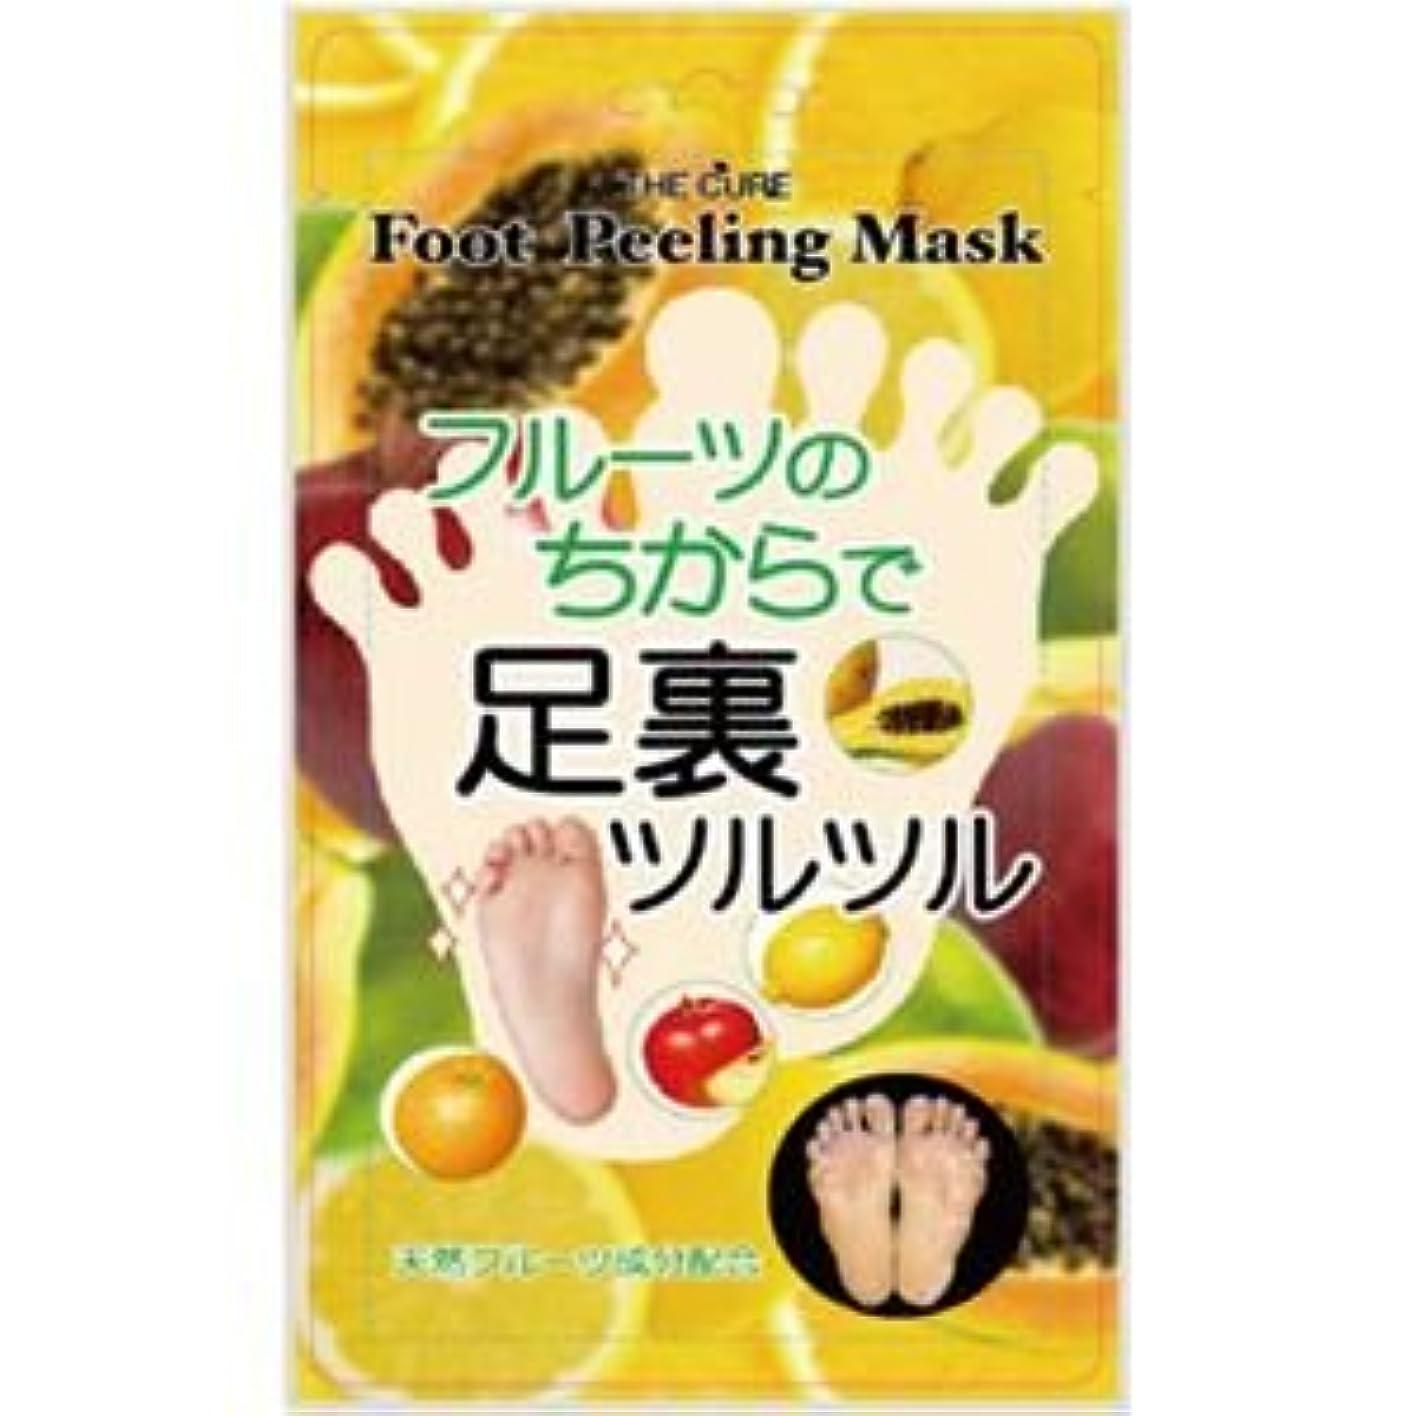 ブロック闘争アサー(まとめ買い)THE CURE フットピーリングマスク 40ml×3セット